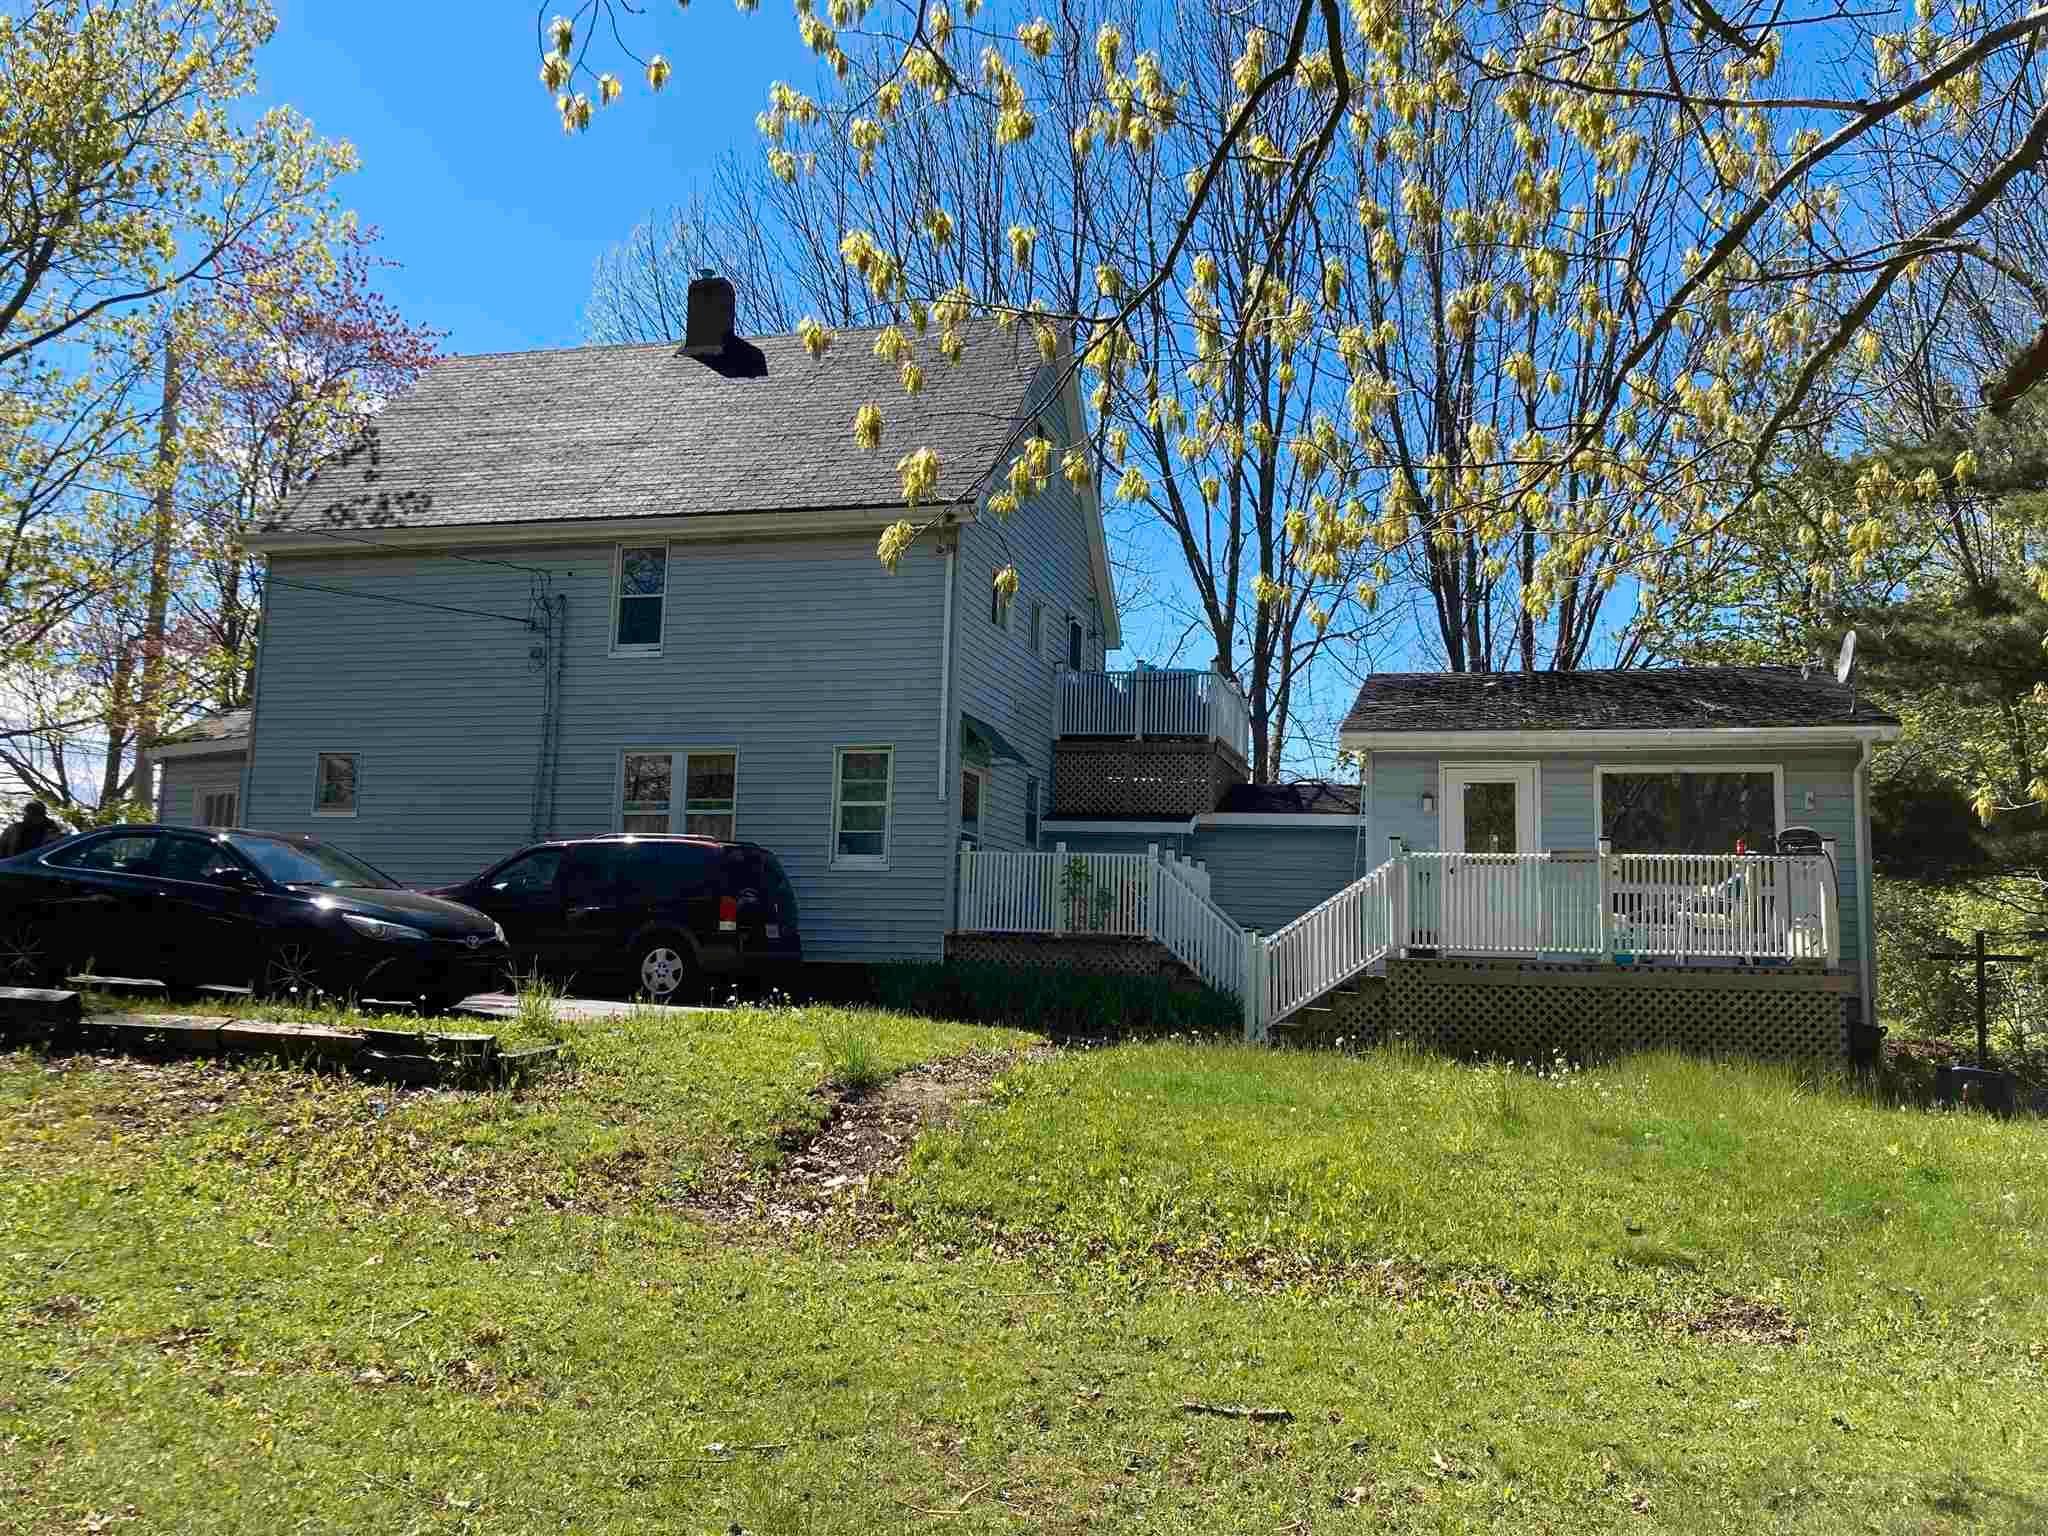 Main Photo: 17 Duke Street in Trenton: 107-Trenton,Westville,Pictou Multi-Family for sale (Northern Region)  : MLS®# 202113439